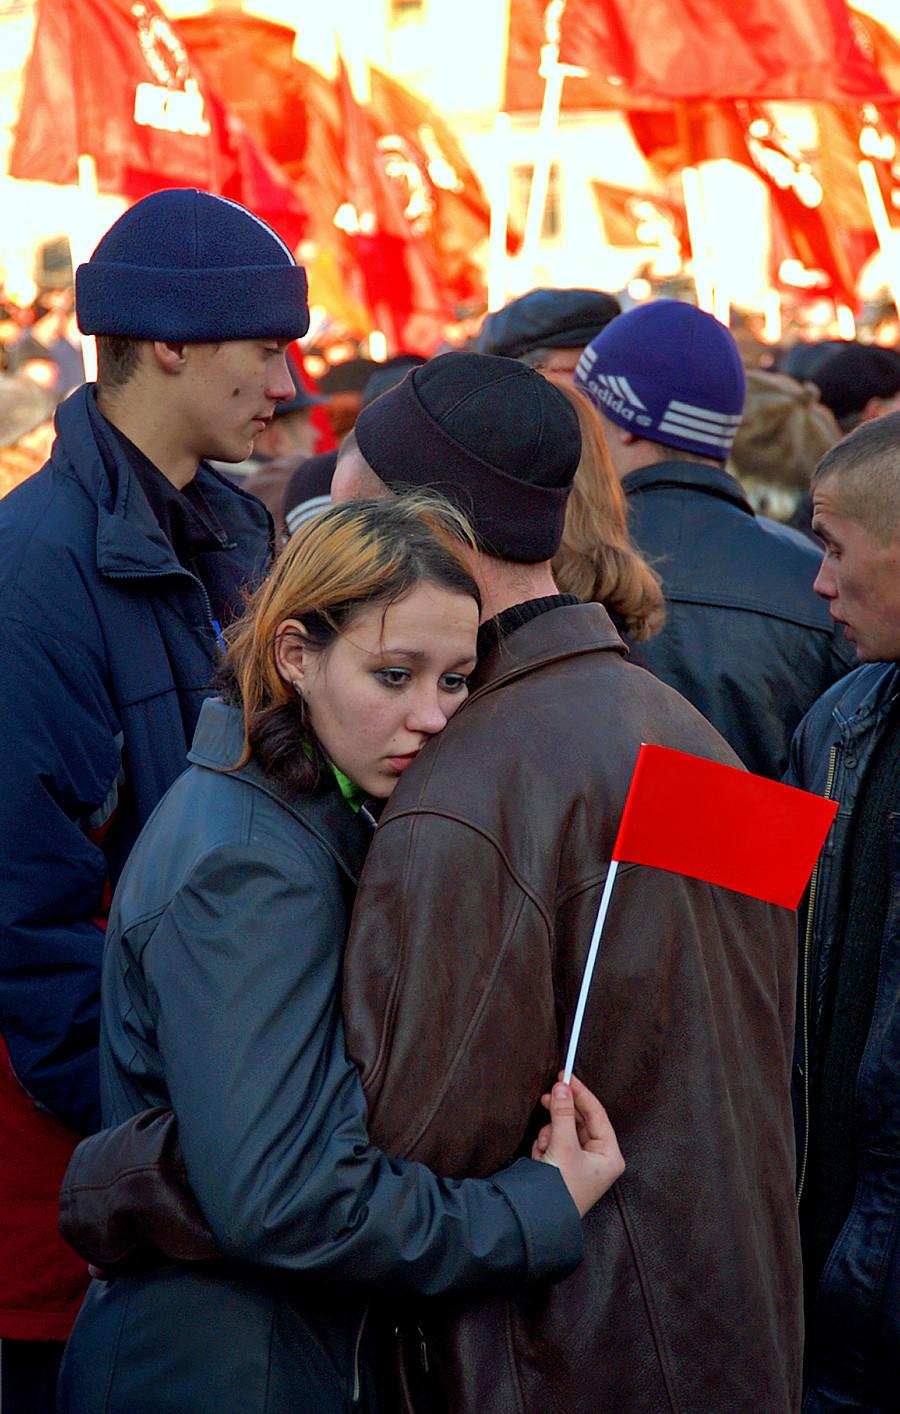 Desfile de apoiantes do Partido Comunista da Rússia no 86º aniversário da Revolução